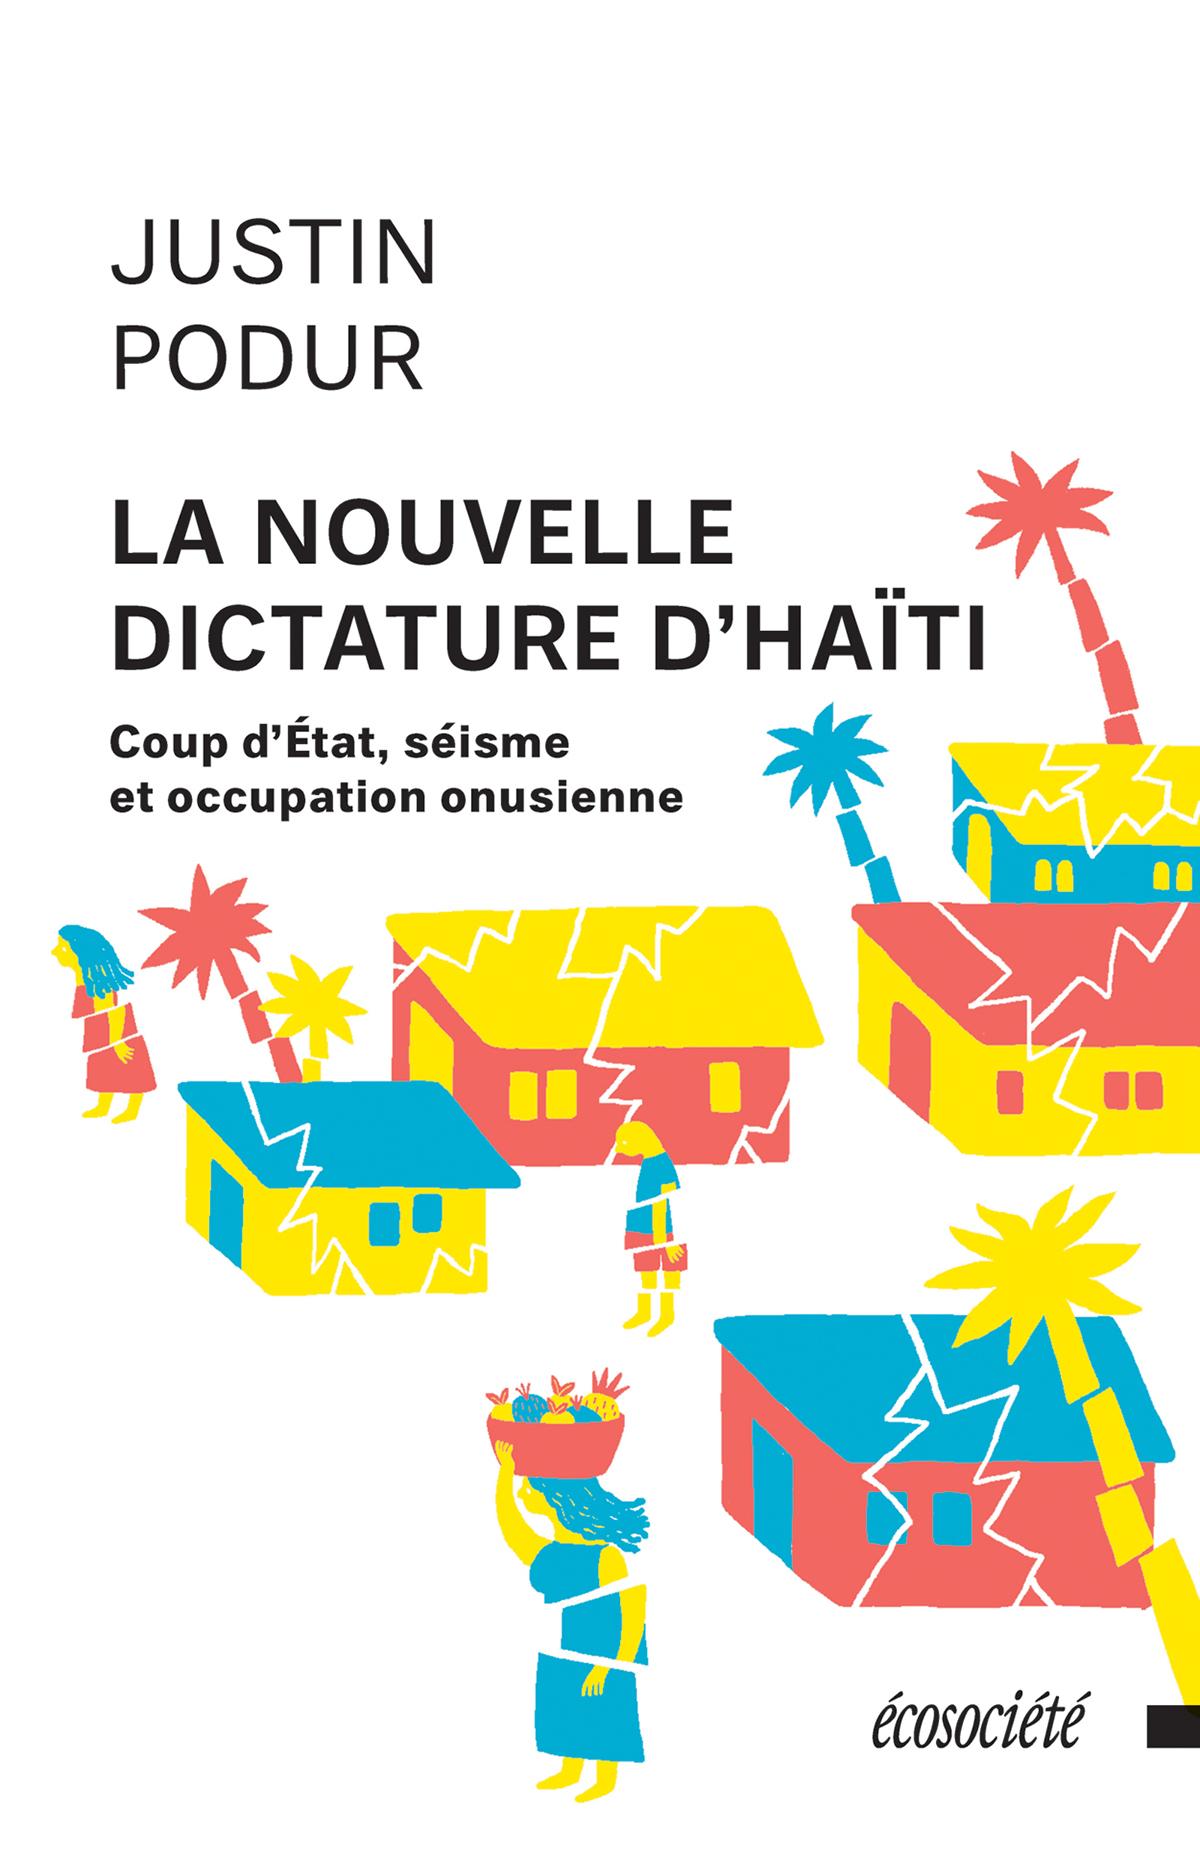 La nouvelle dictature d'Haïti, Coup d'État, séisme et occupation onusienne